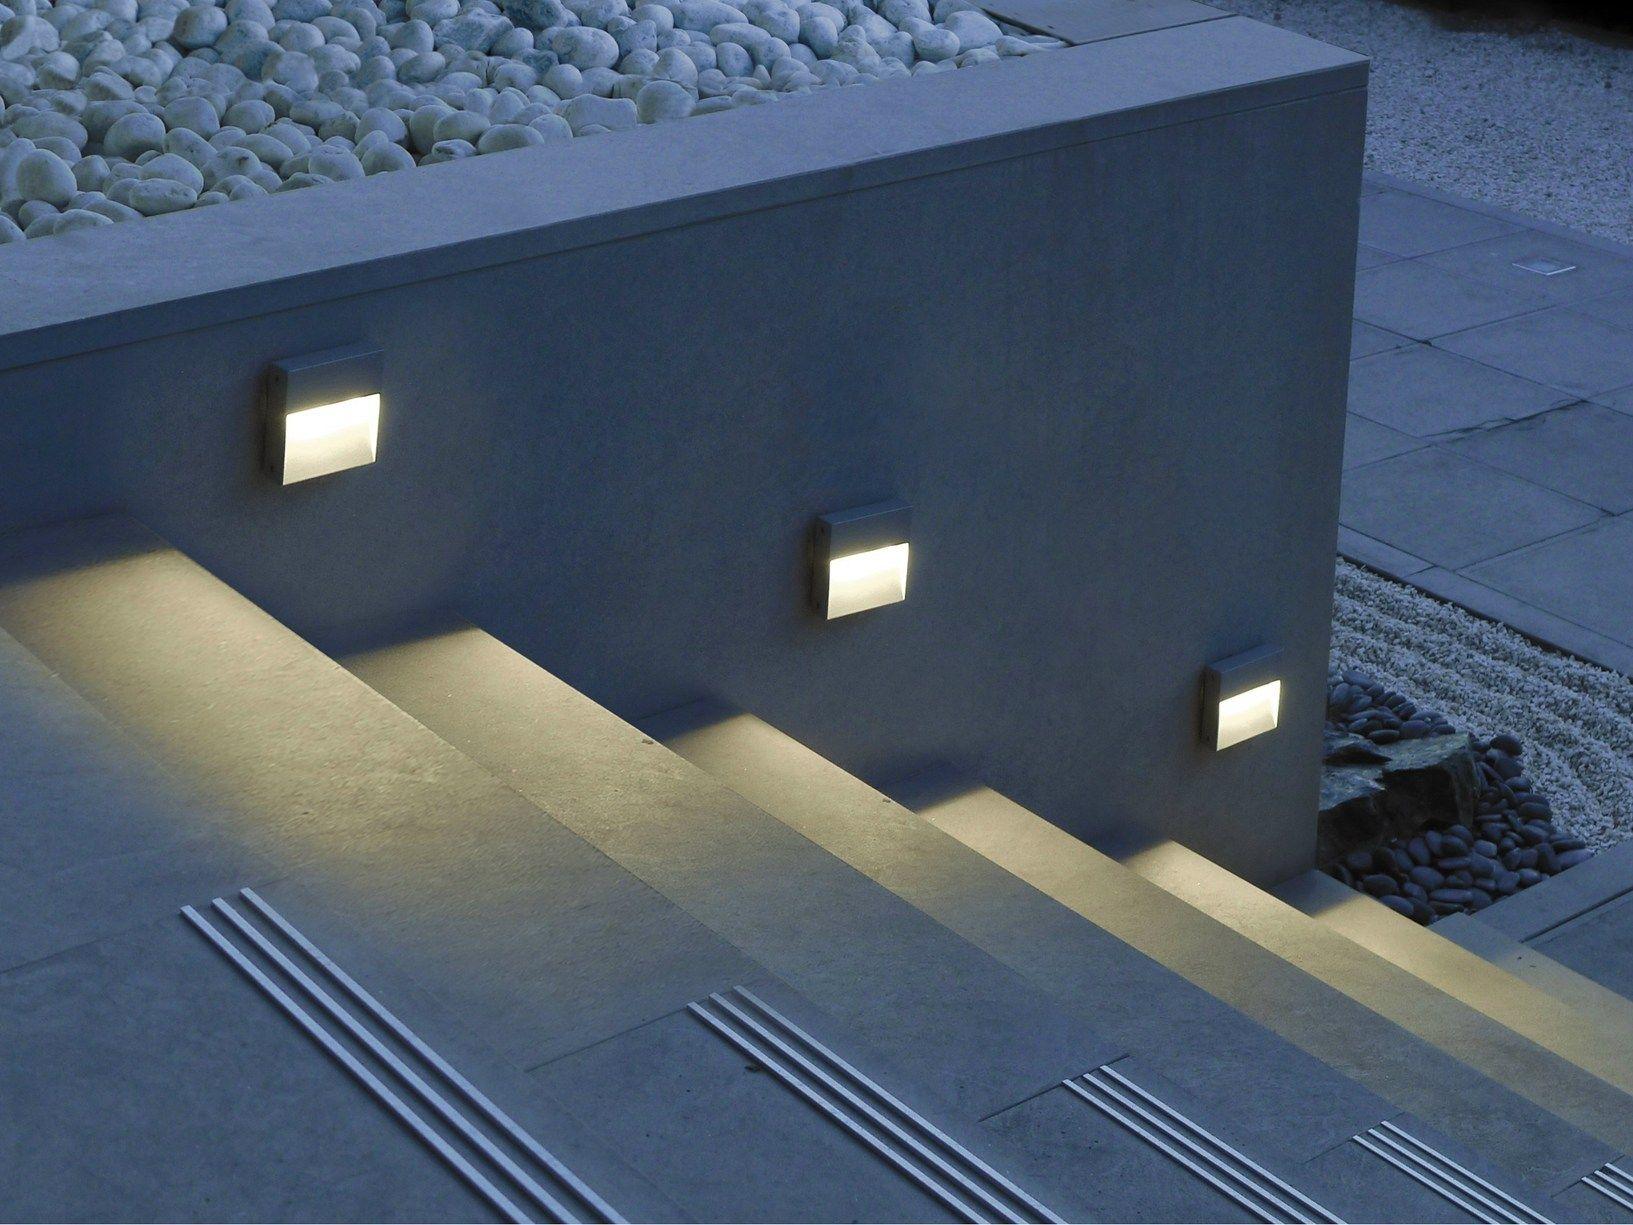 La soluzione simes per illuminare e valorizzare le architetture